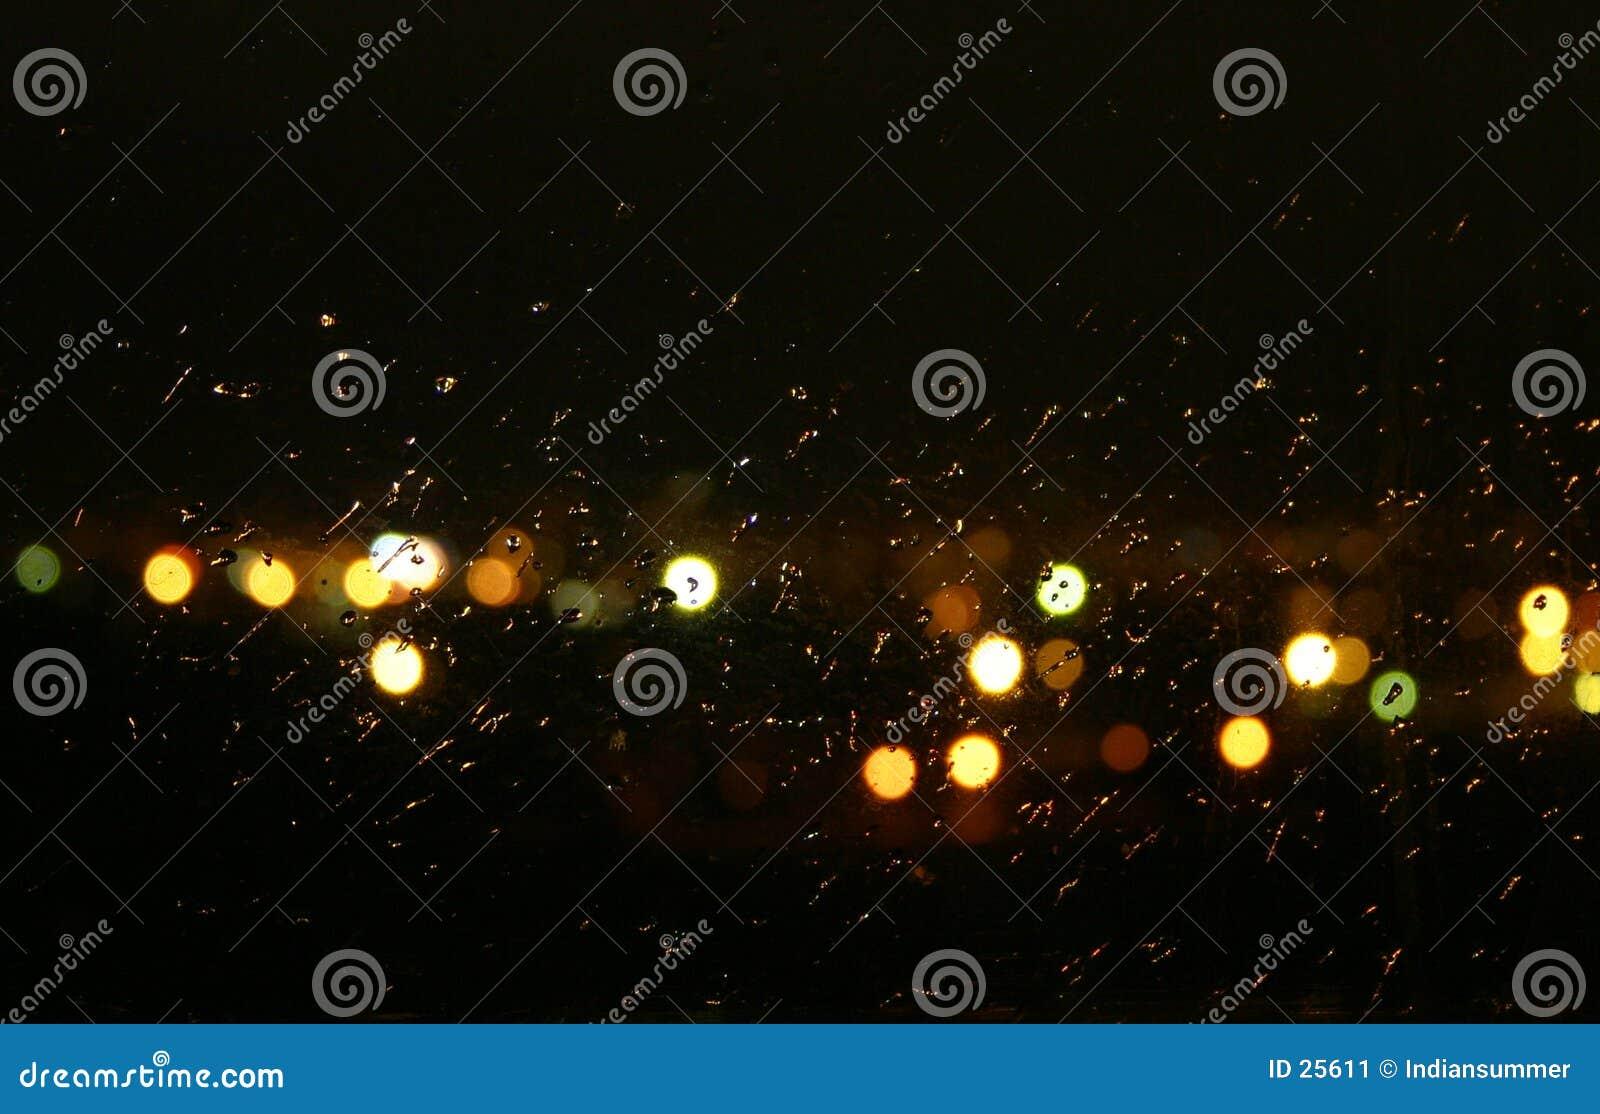 Tej nocy deszcz